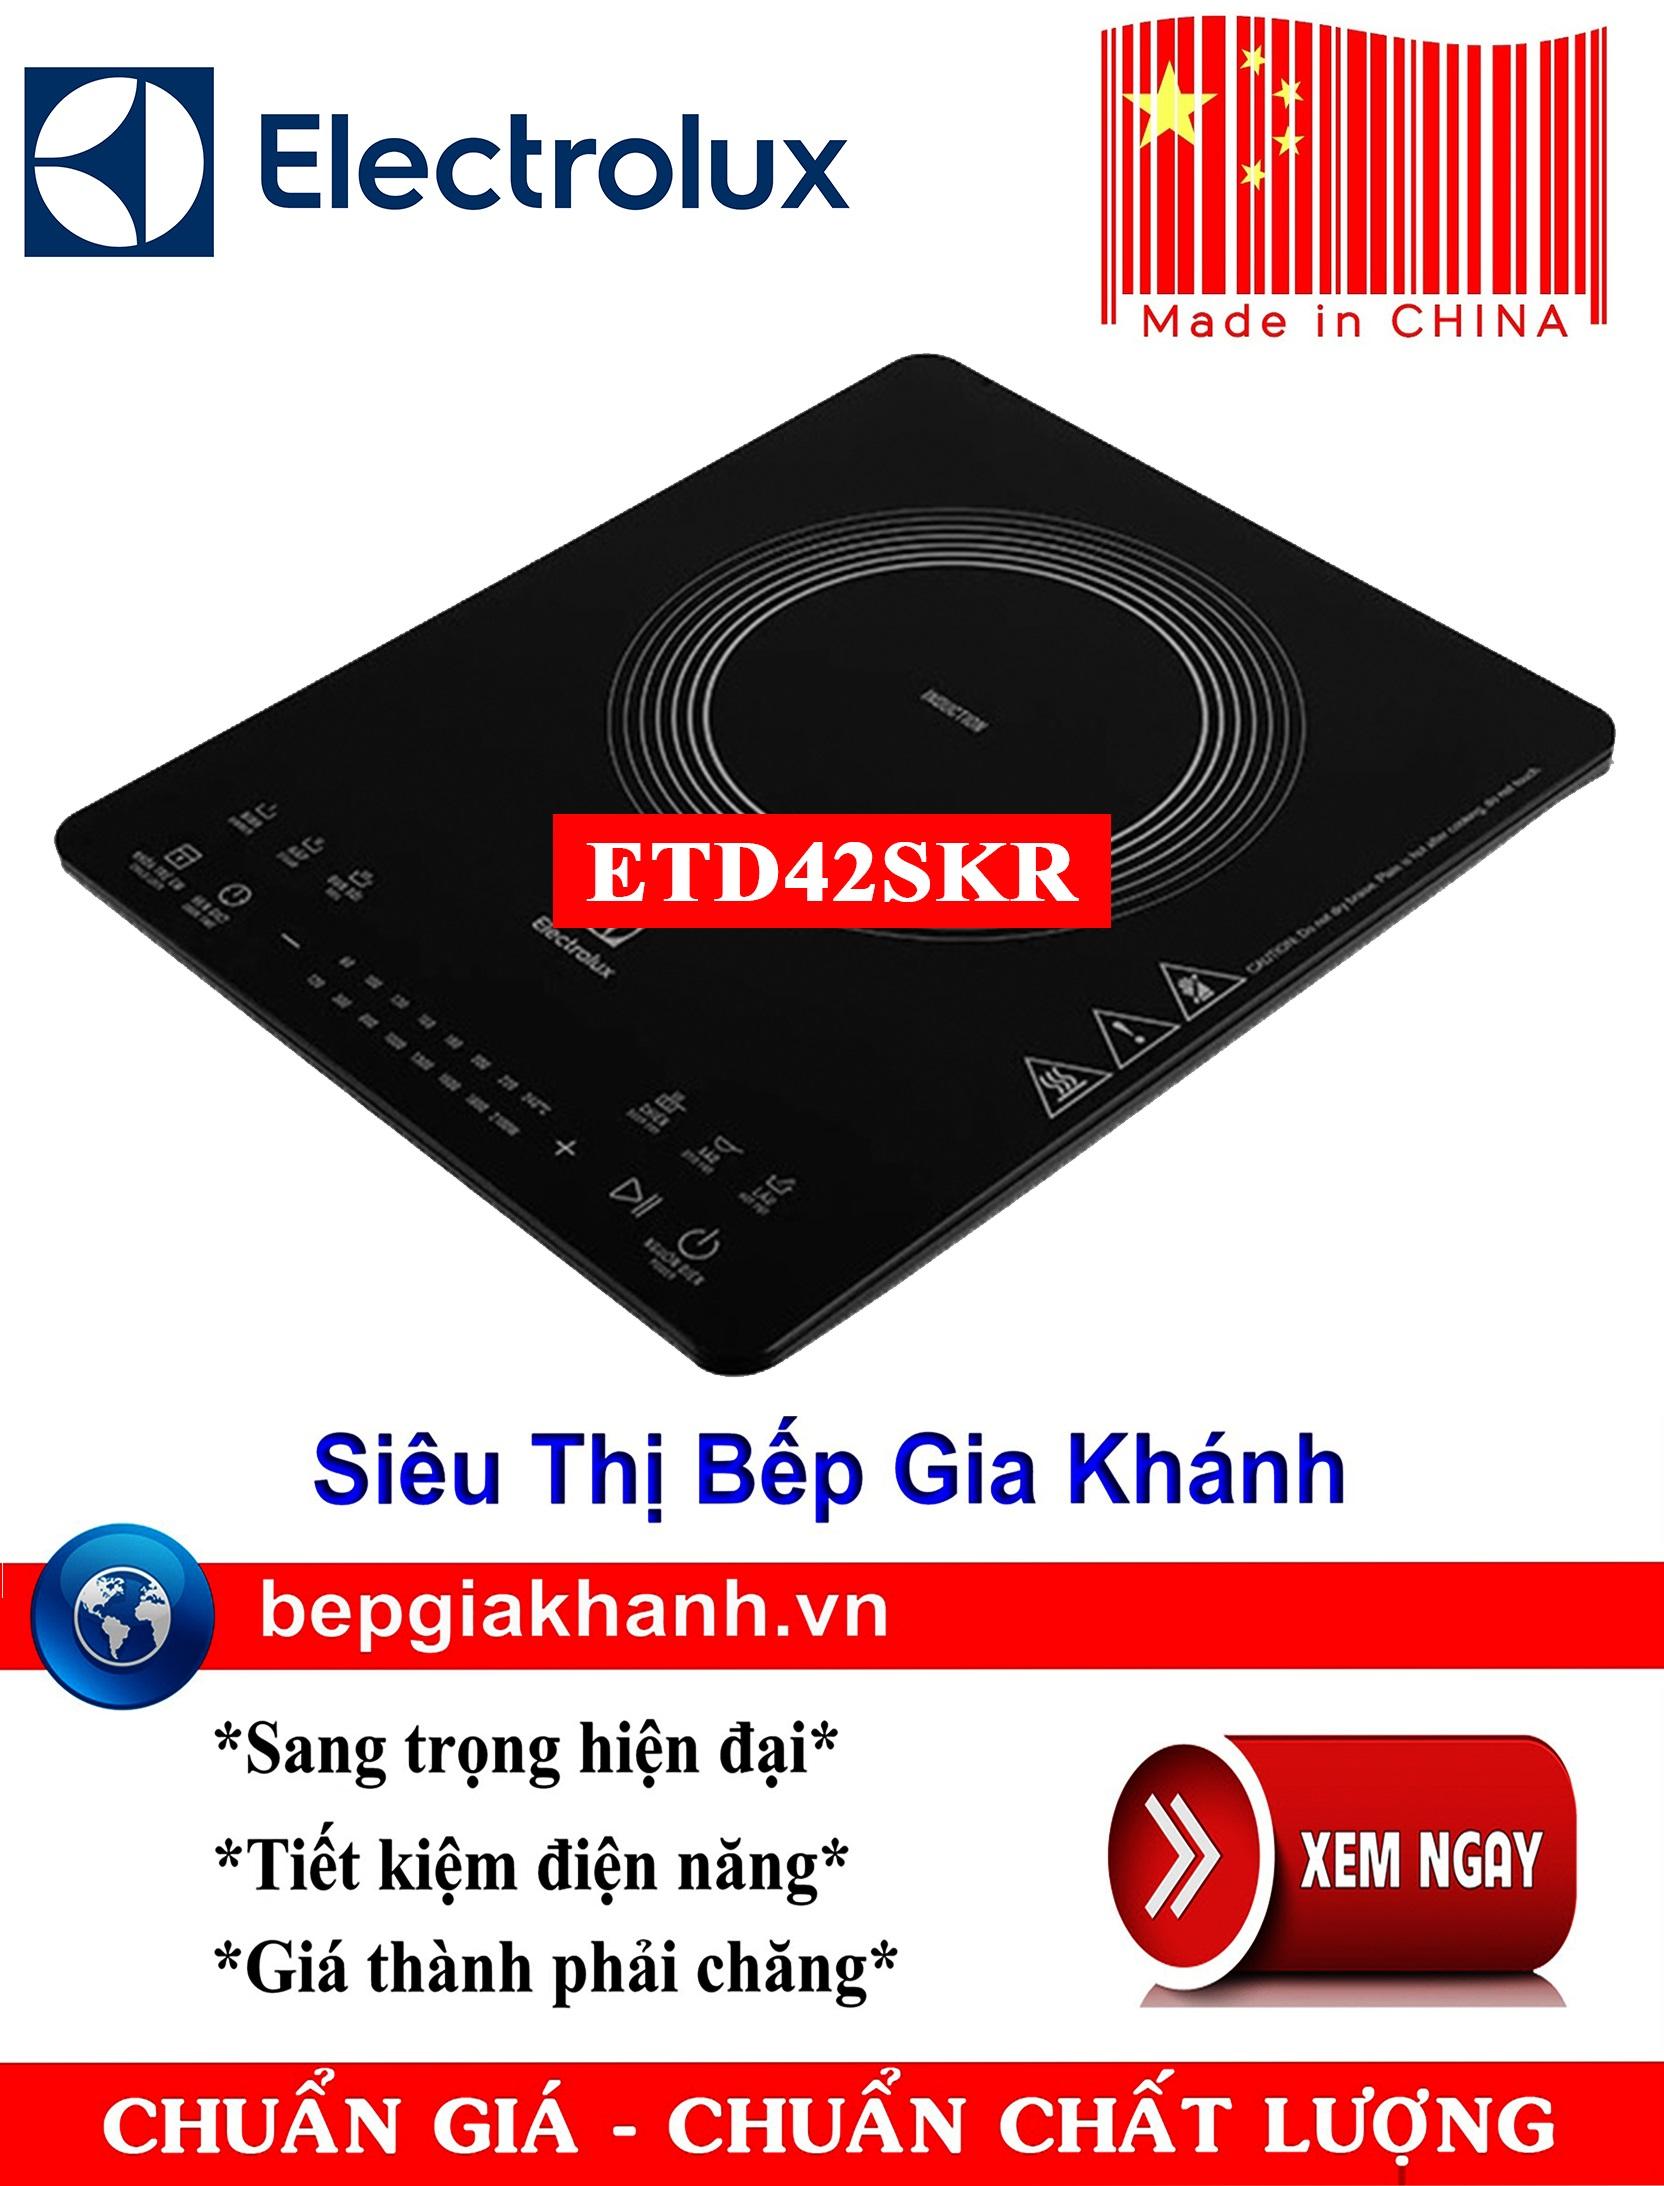 [HCM]Bếp từ đơn Electrolux ETD42SKR sản xuất Trung Quốc bếp từ bếp điện từ bếp từ đôi bếp điện từ đôi bếp từ giá rẻ bếp điện từ giá rẻ bếp từ đơn bep tu don bep tu